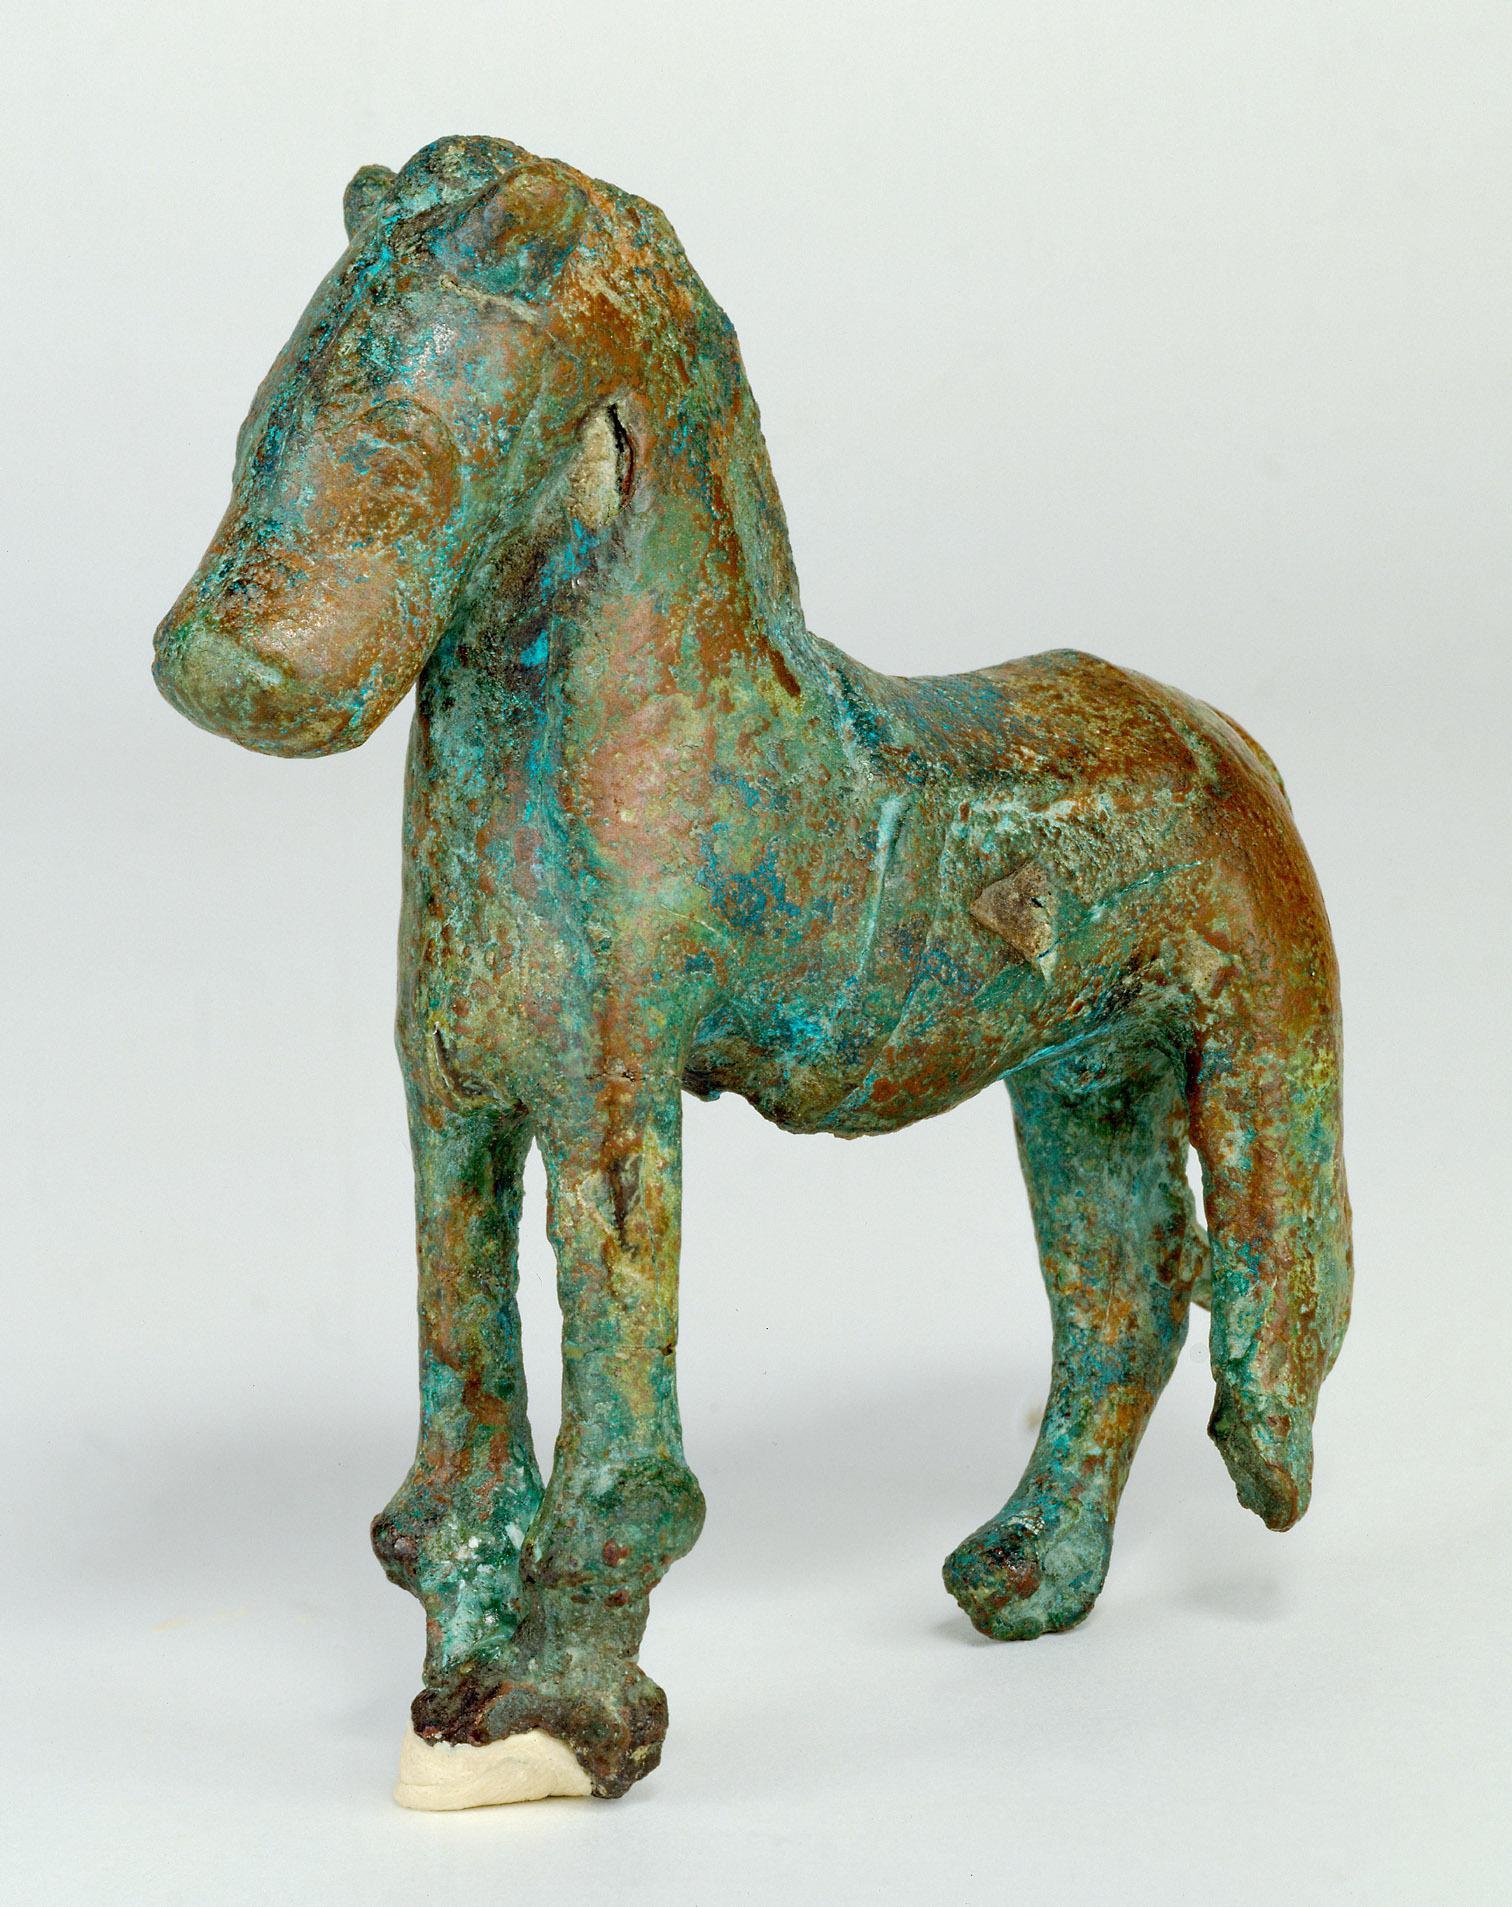 Statuette eines Pferdes